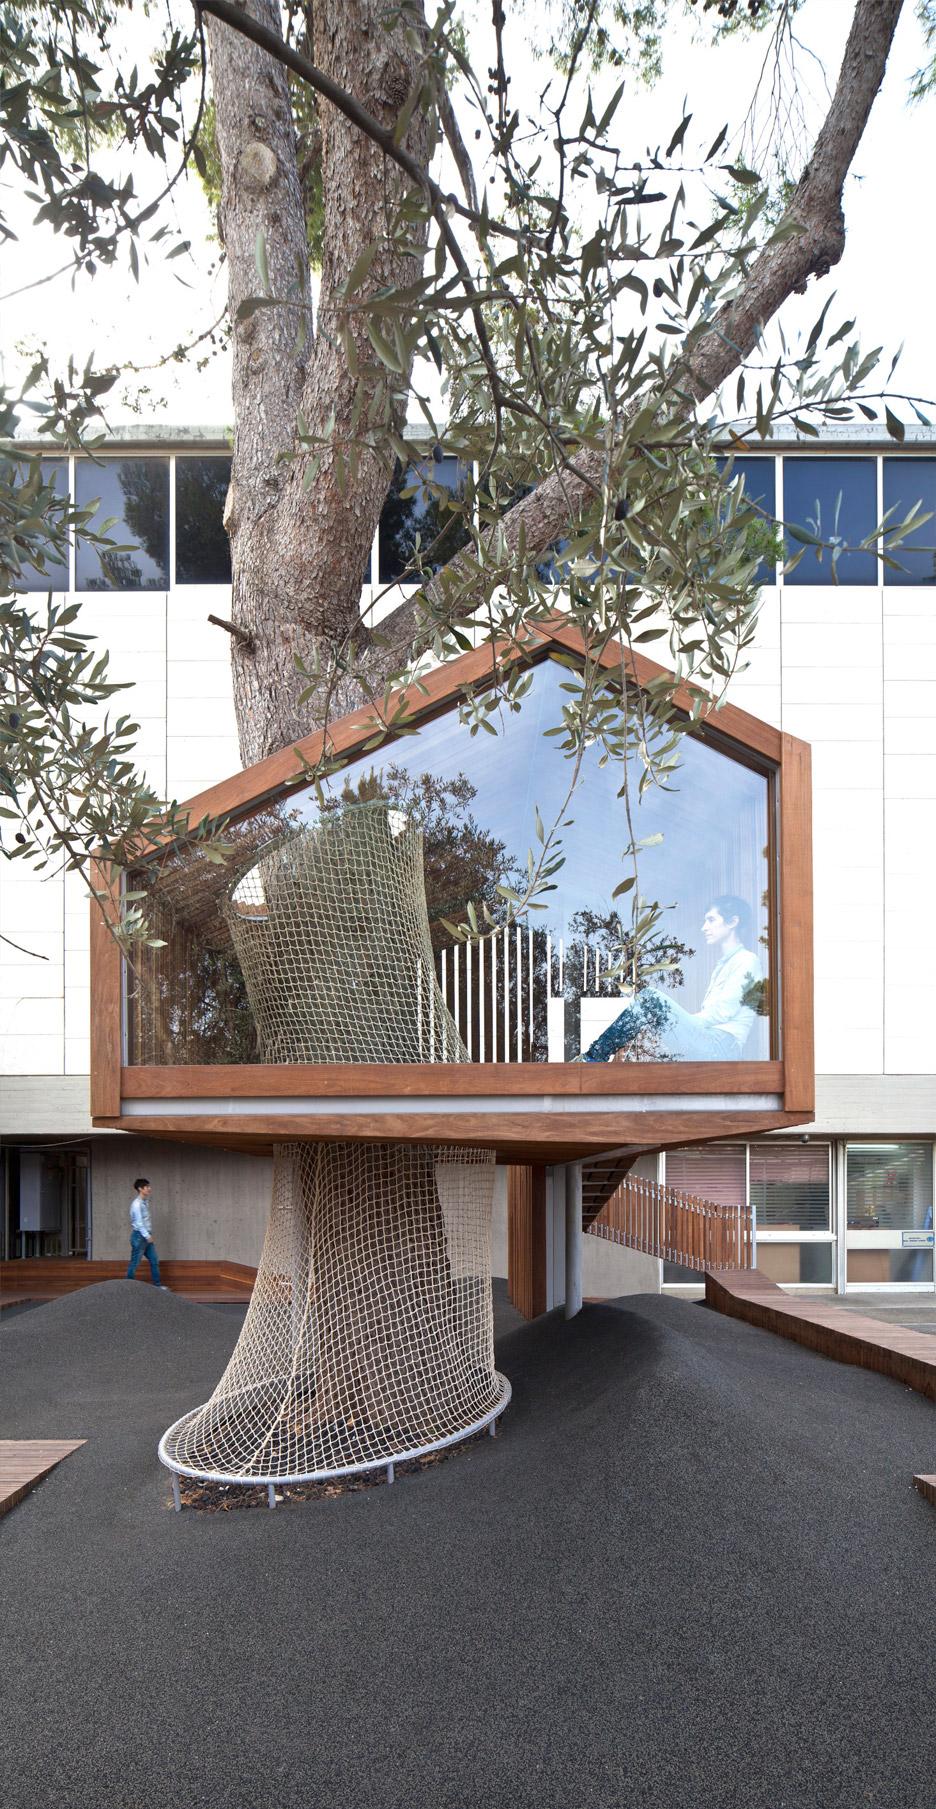 La casa sull 39 albero nel cortile del museo di israele - Casa sull albero airbnb ...